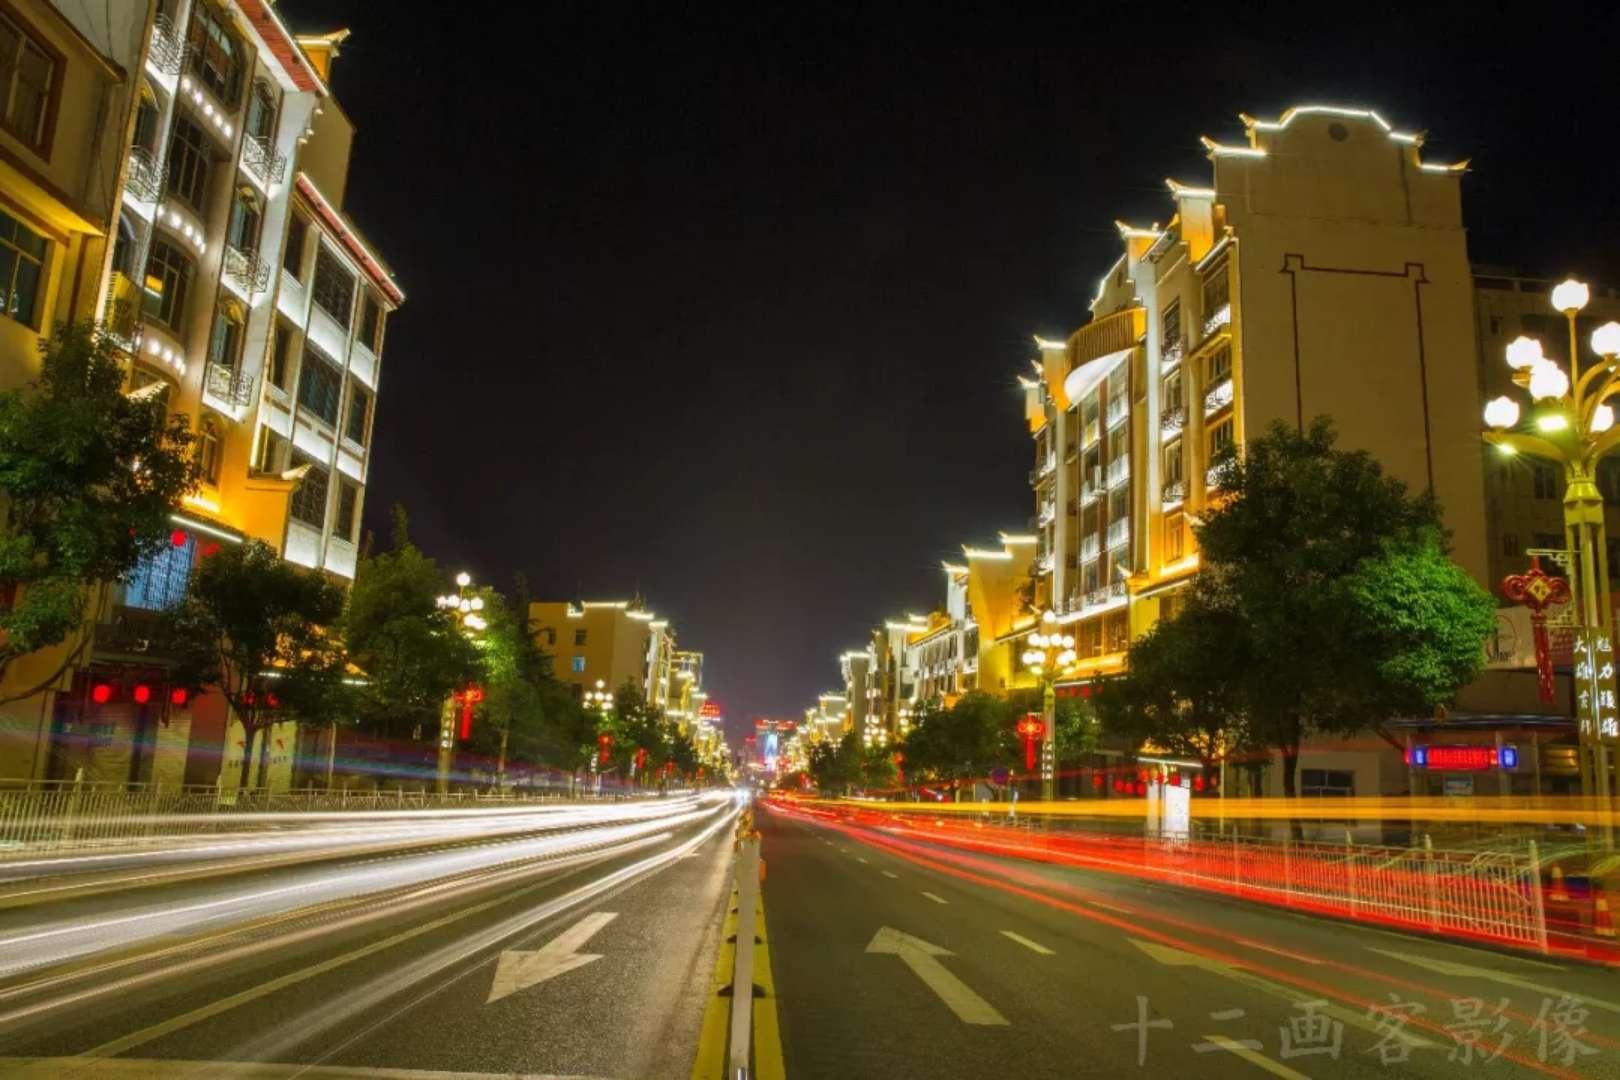 夜色中的镇雄县城